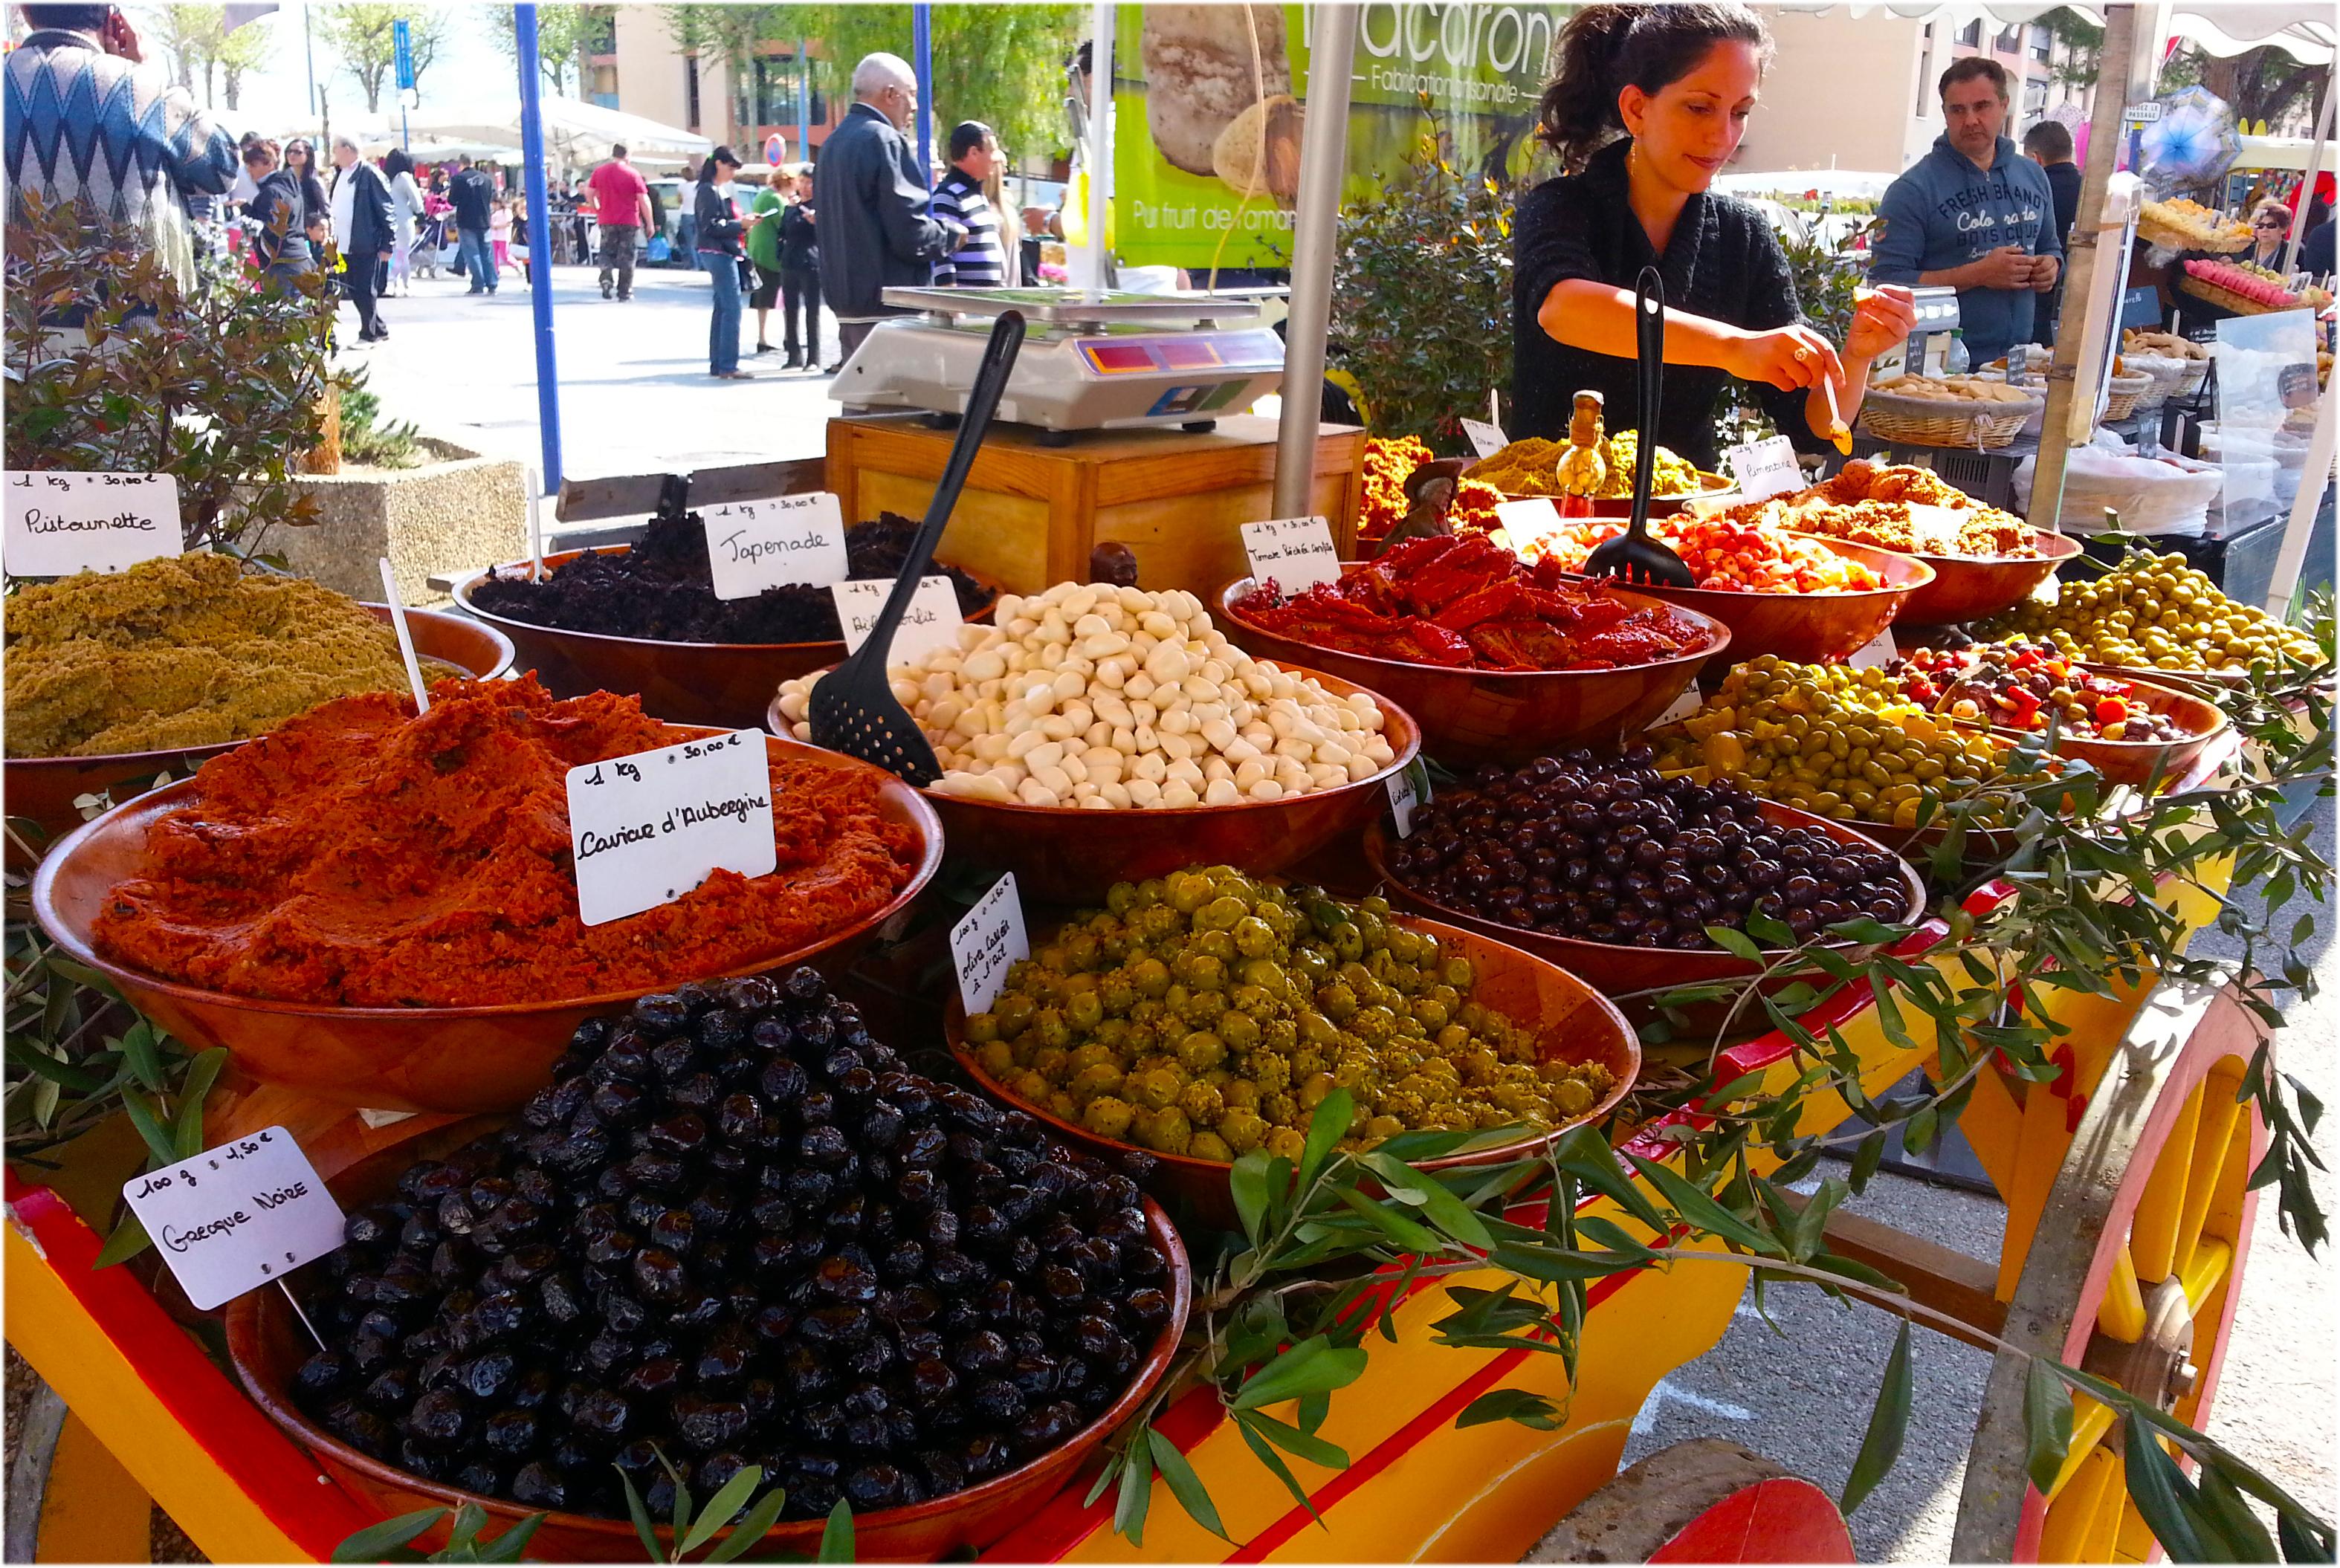 Stand d'olives et tapenades